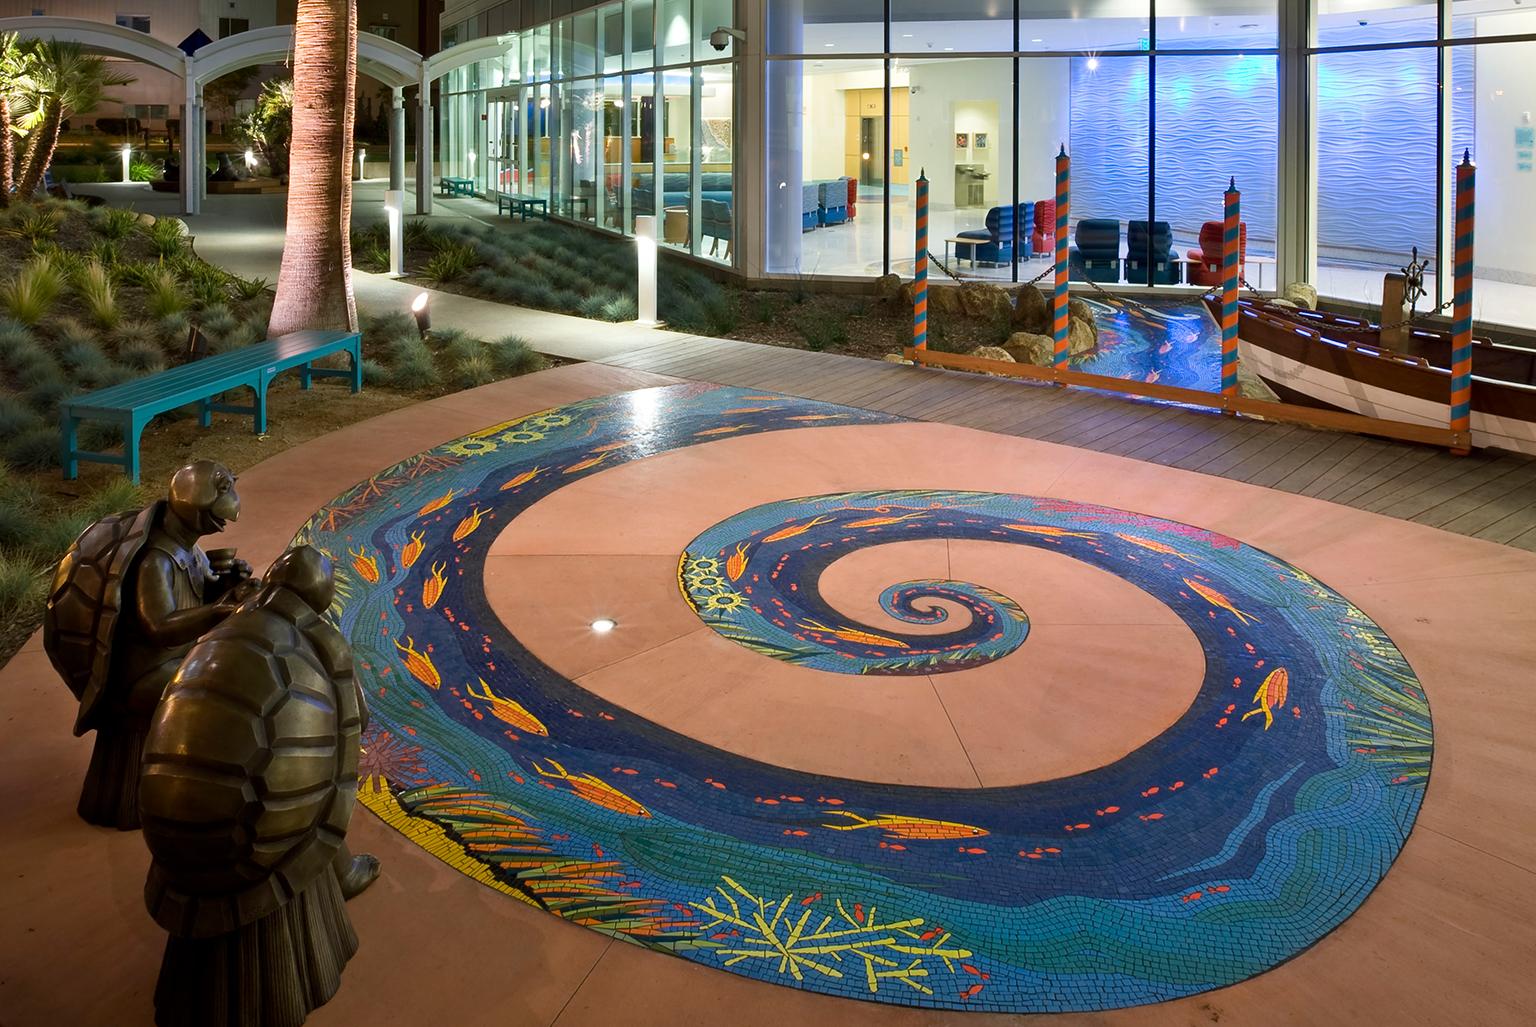 San Diego Children's Hospital